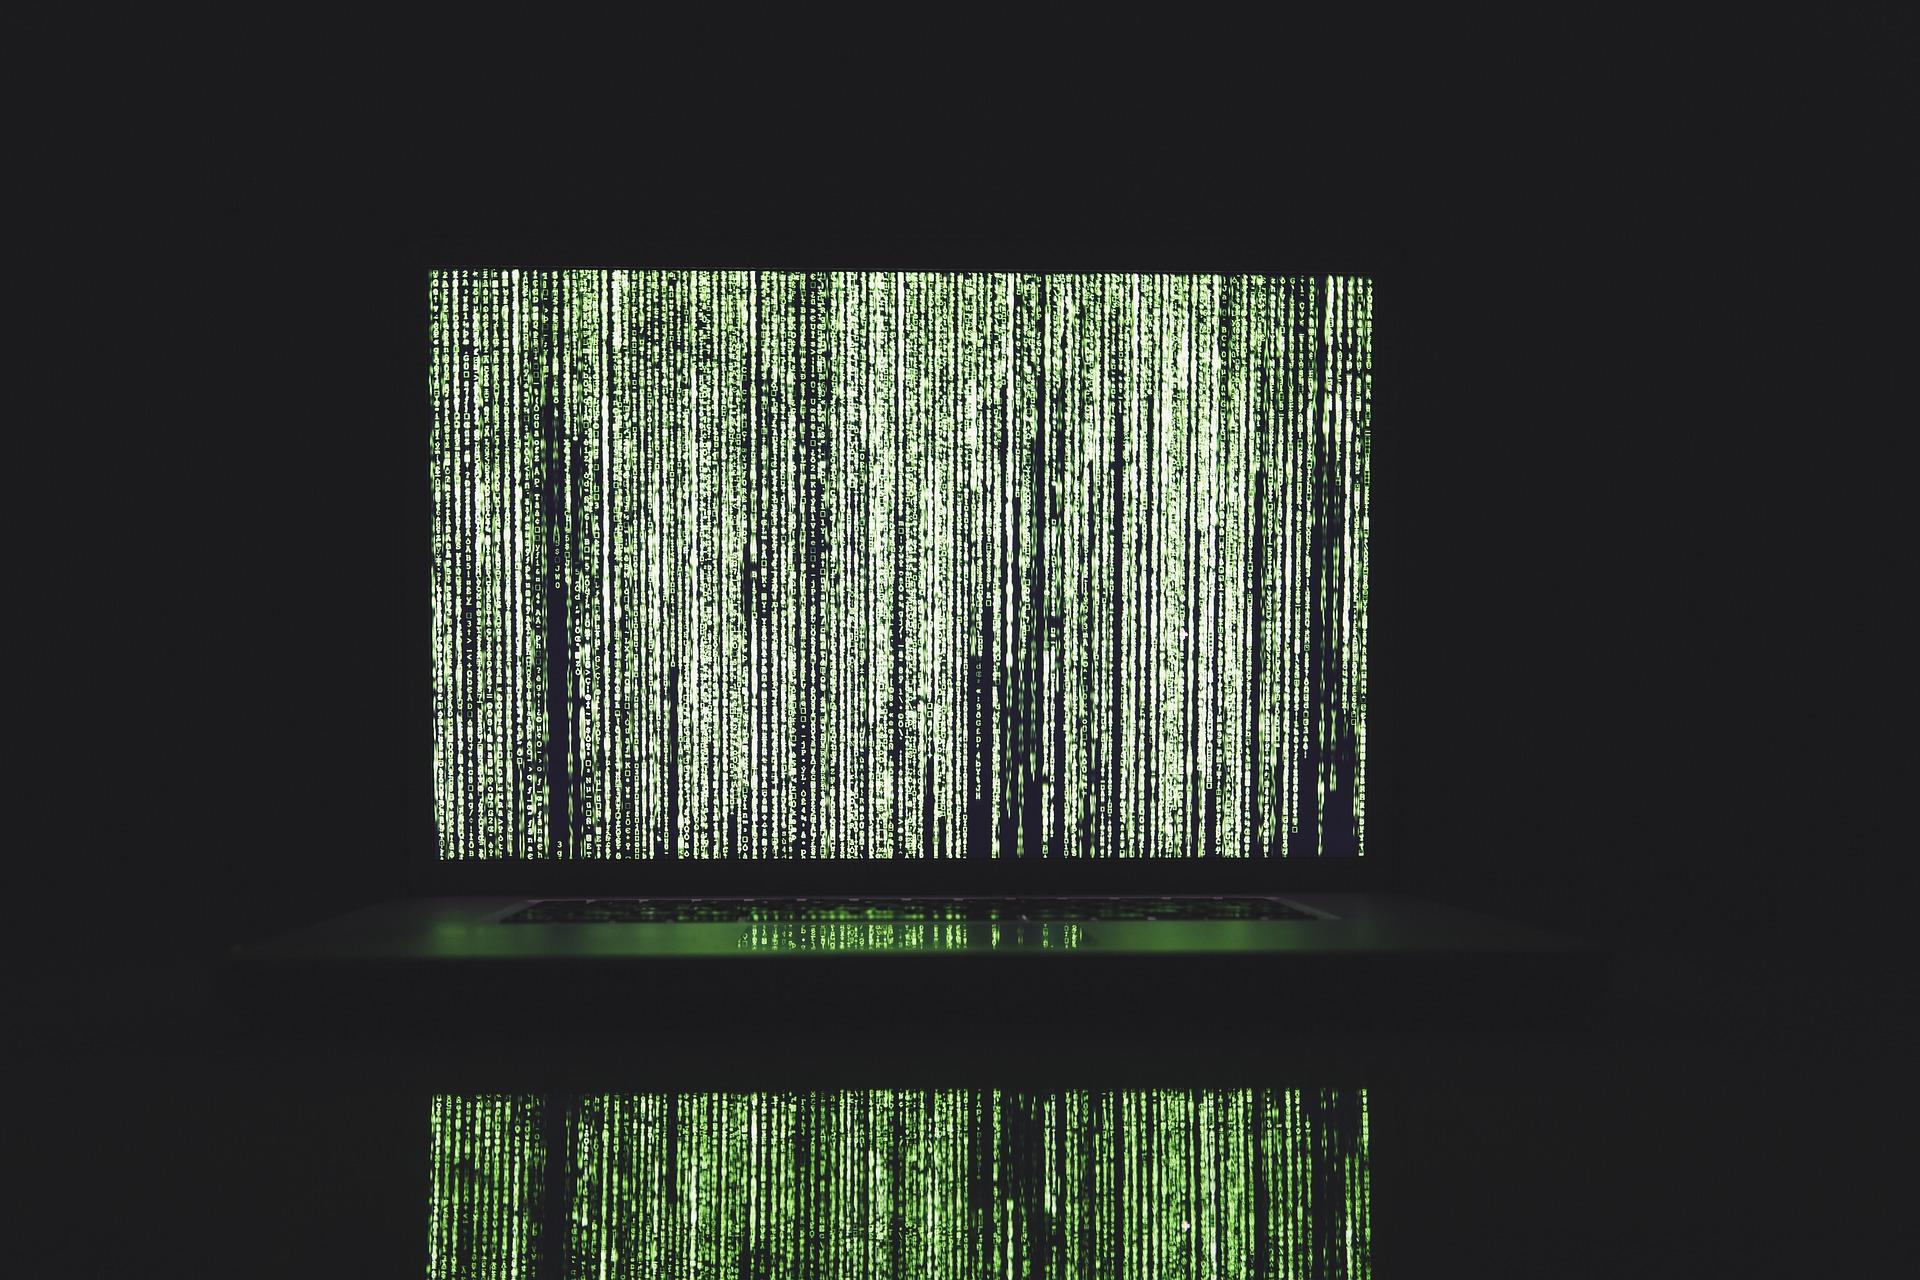 Sztuczna inteligencja może wypaczyć odbiór recenzji dzieł kultury